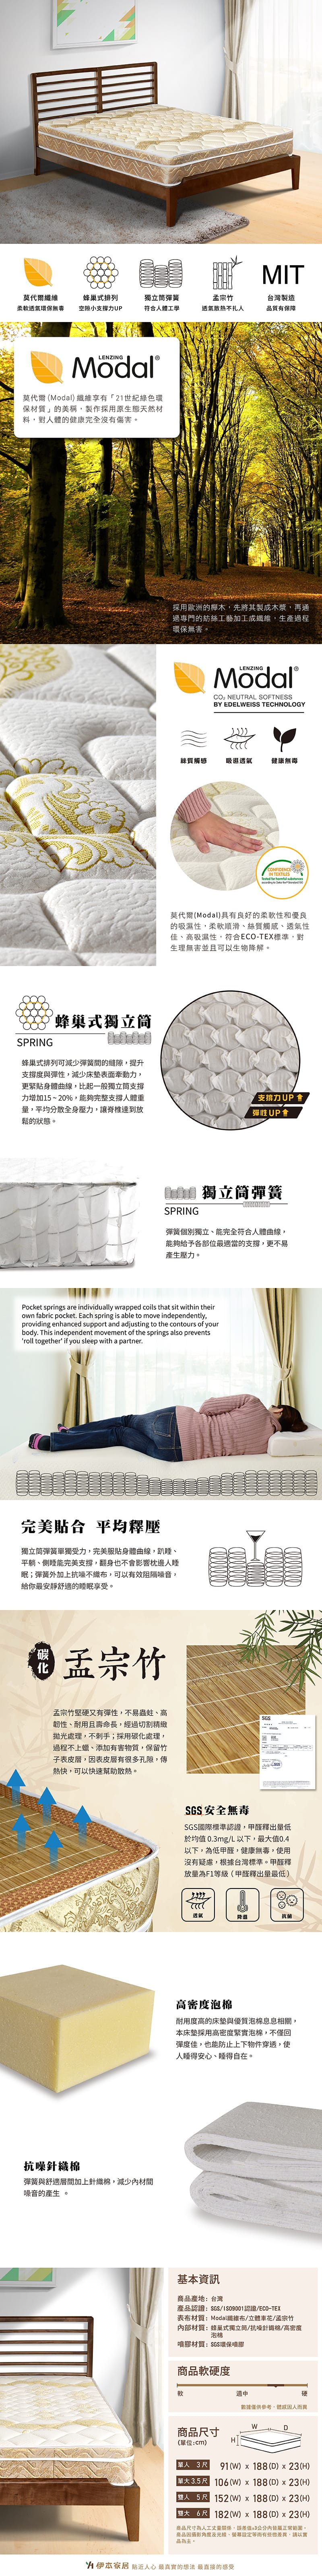 涼感硬式獨立筒床墊 雙人5尺(金剛系列)